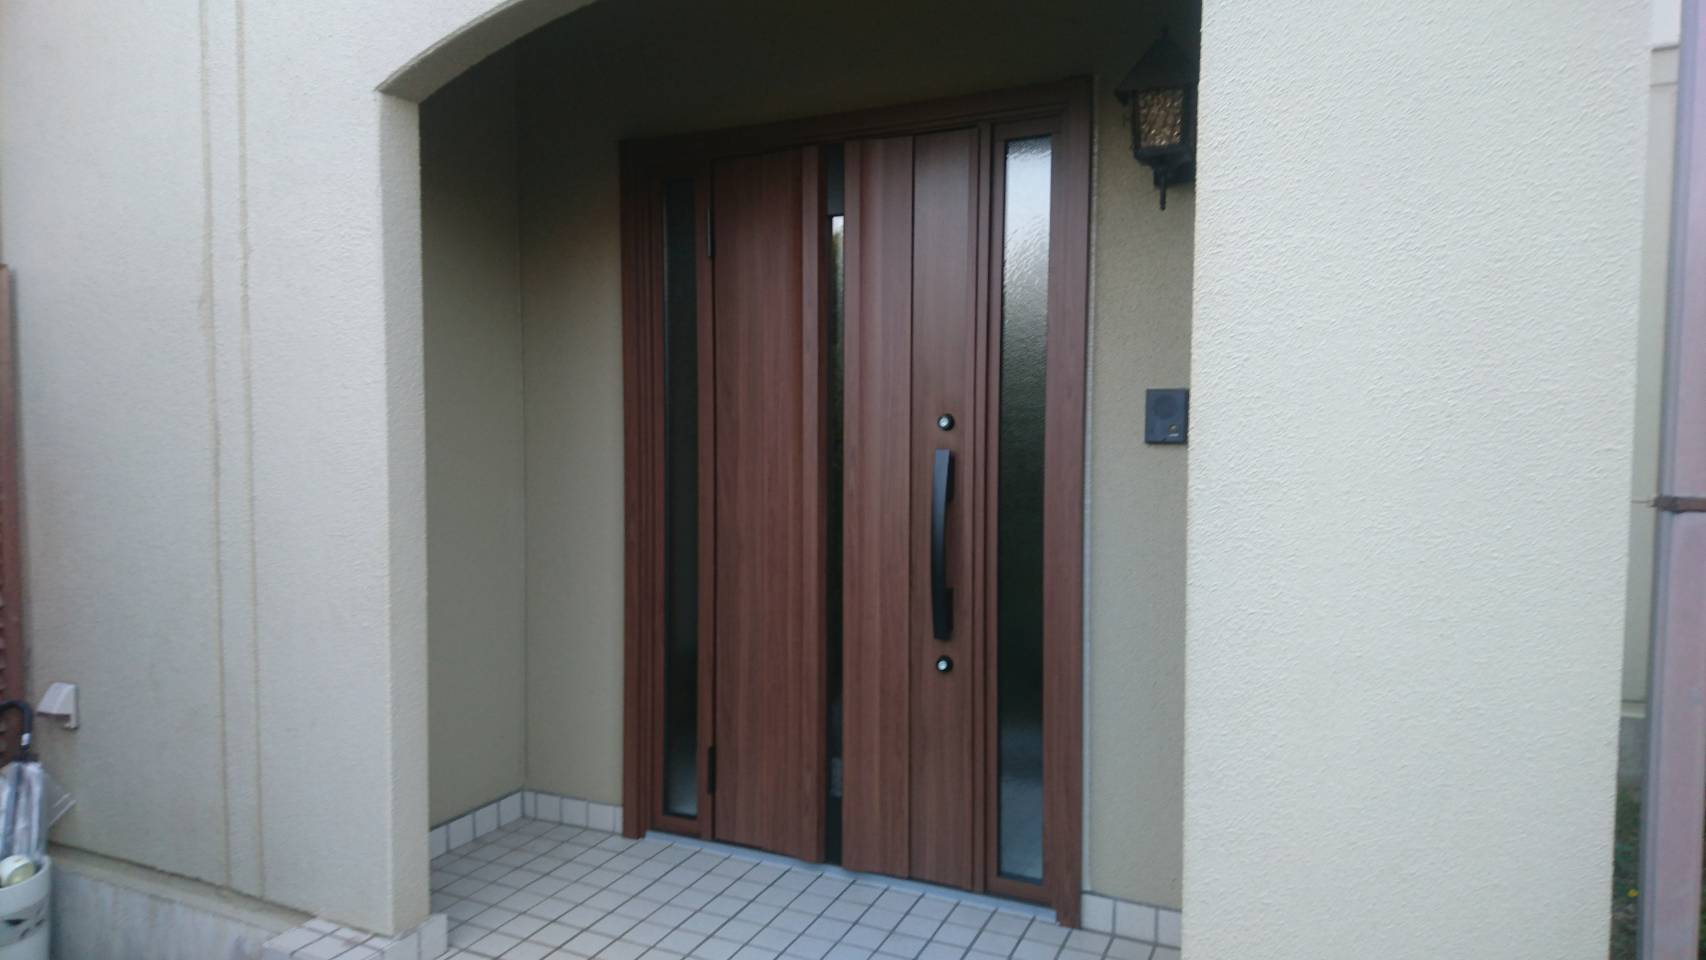 シーエス建材トーヨー住器の明るい玄関ドア リフォーム工事の施工事例写真